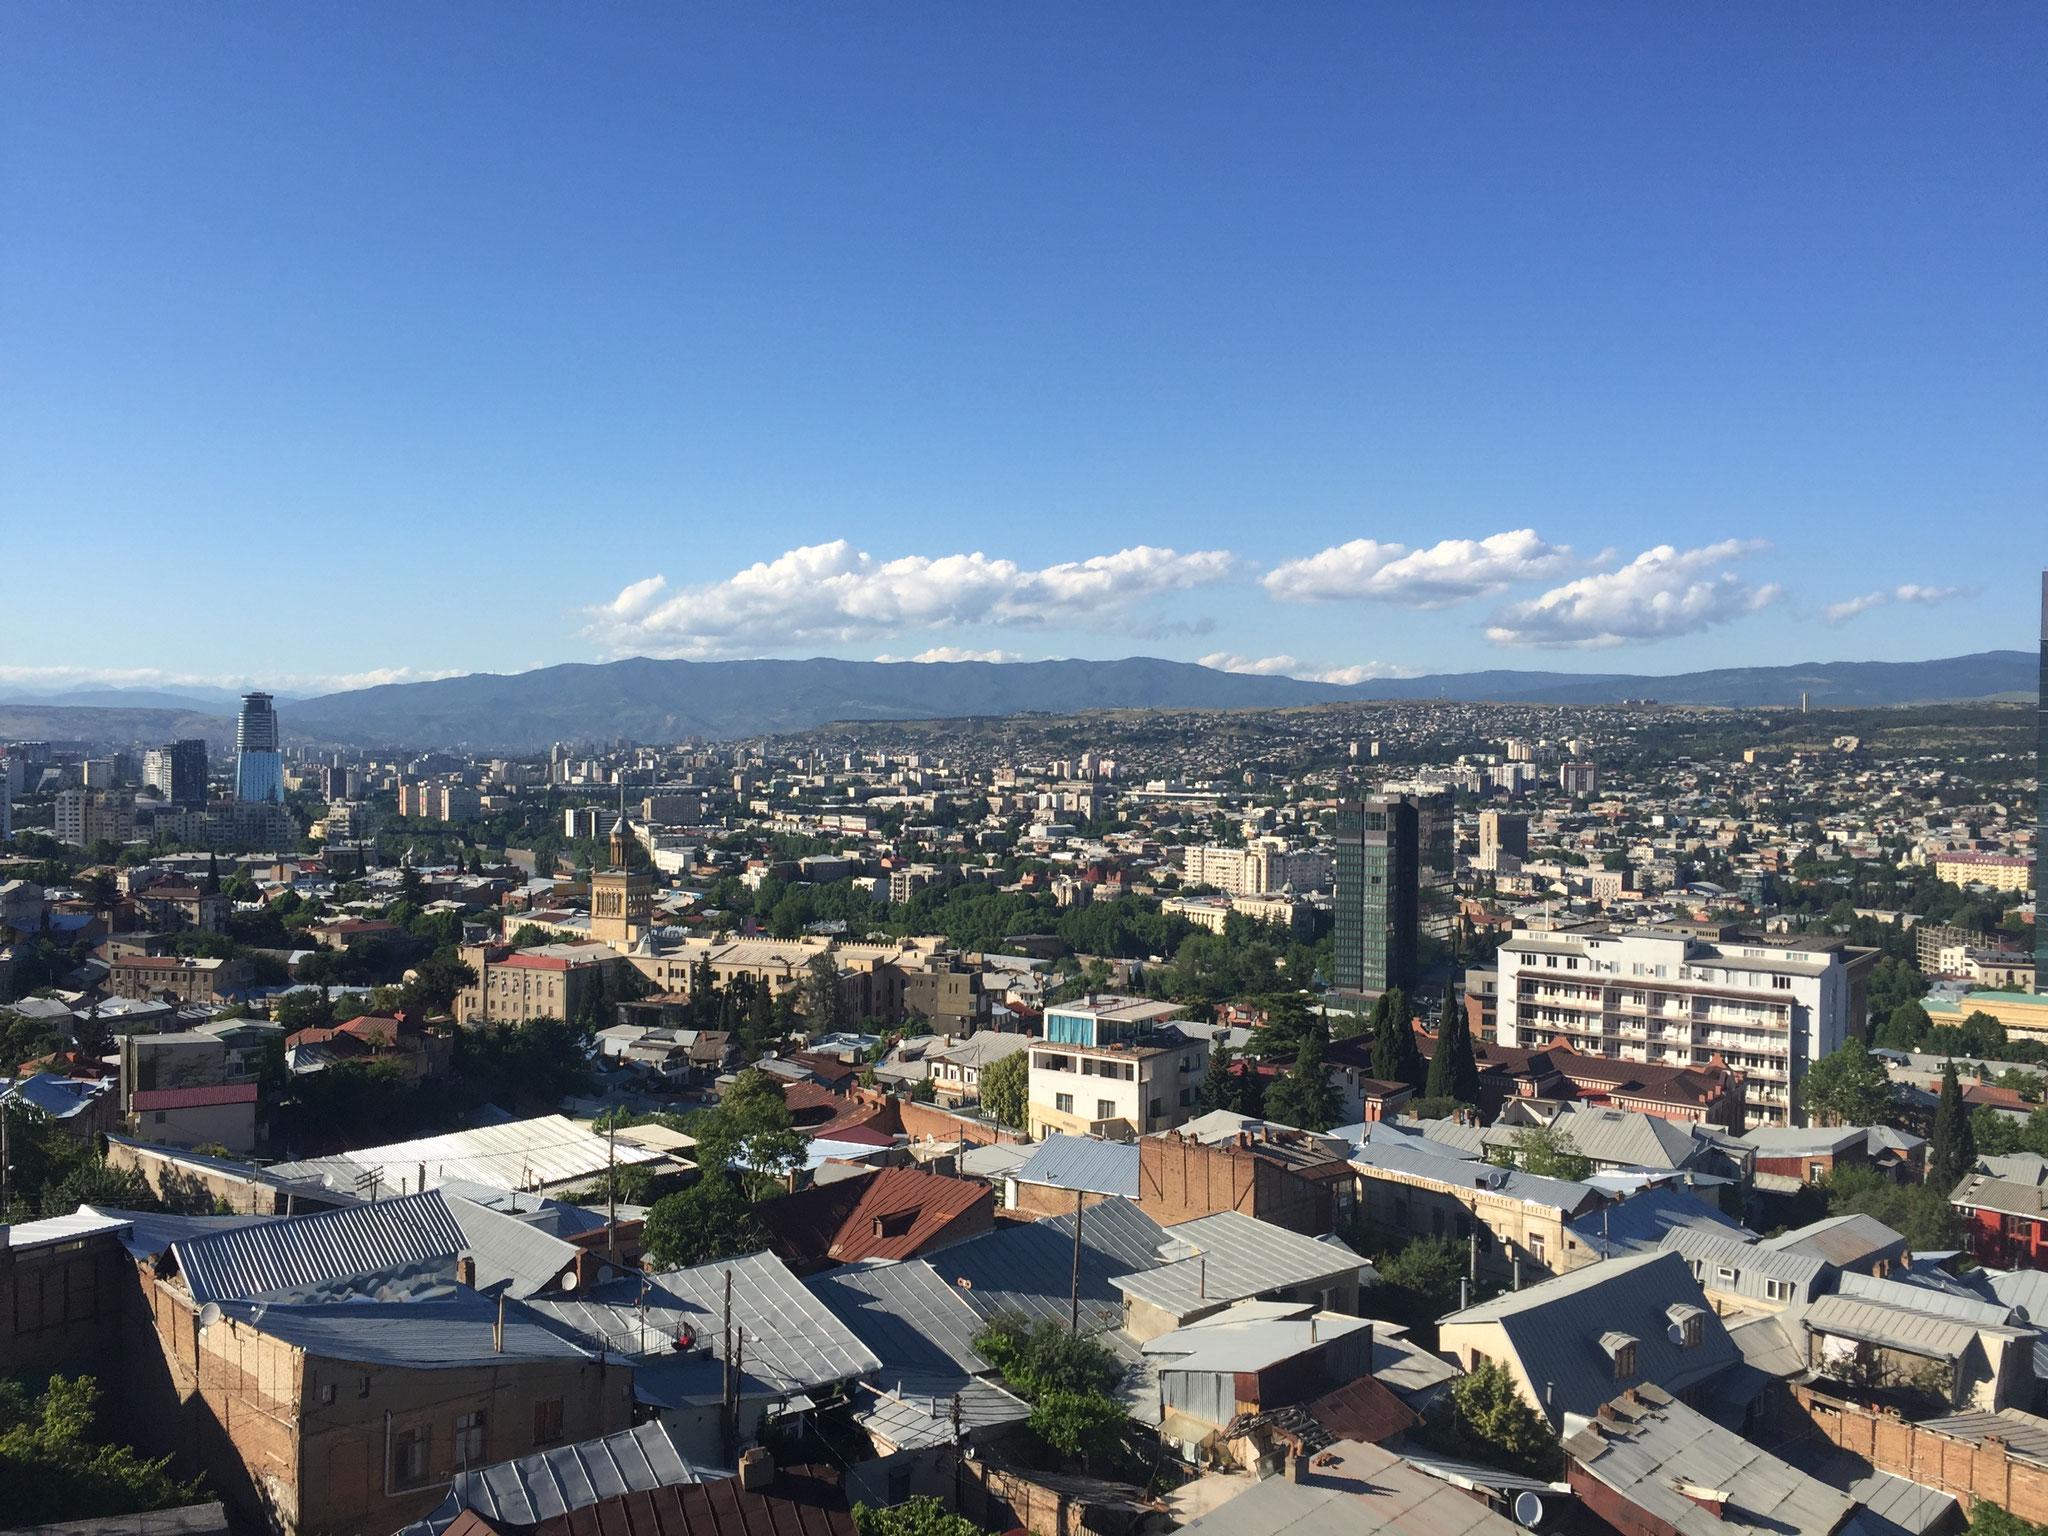 Blick auf Tiflis / Tbilissi